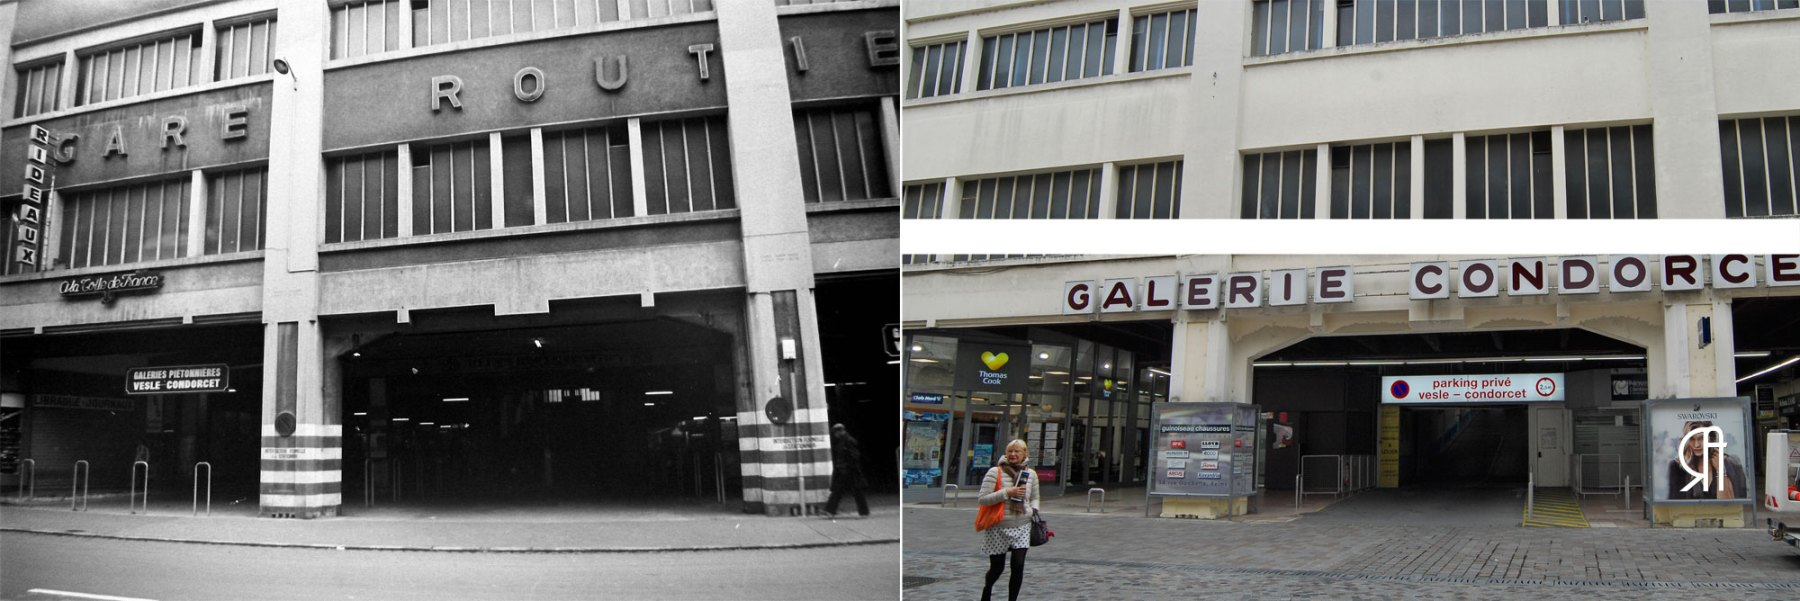 1975-10-06-gare-routiere